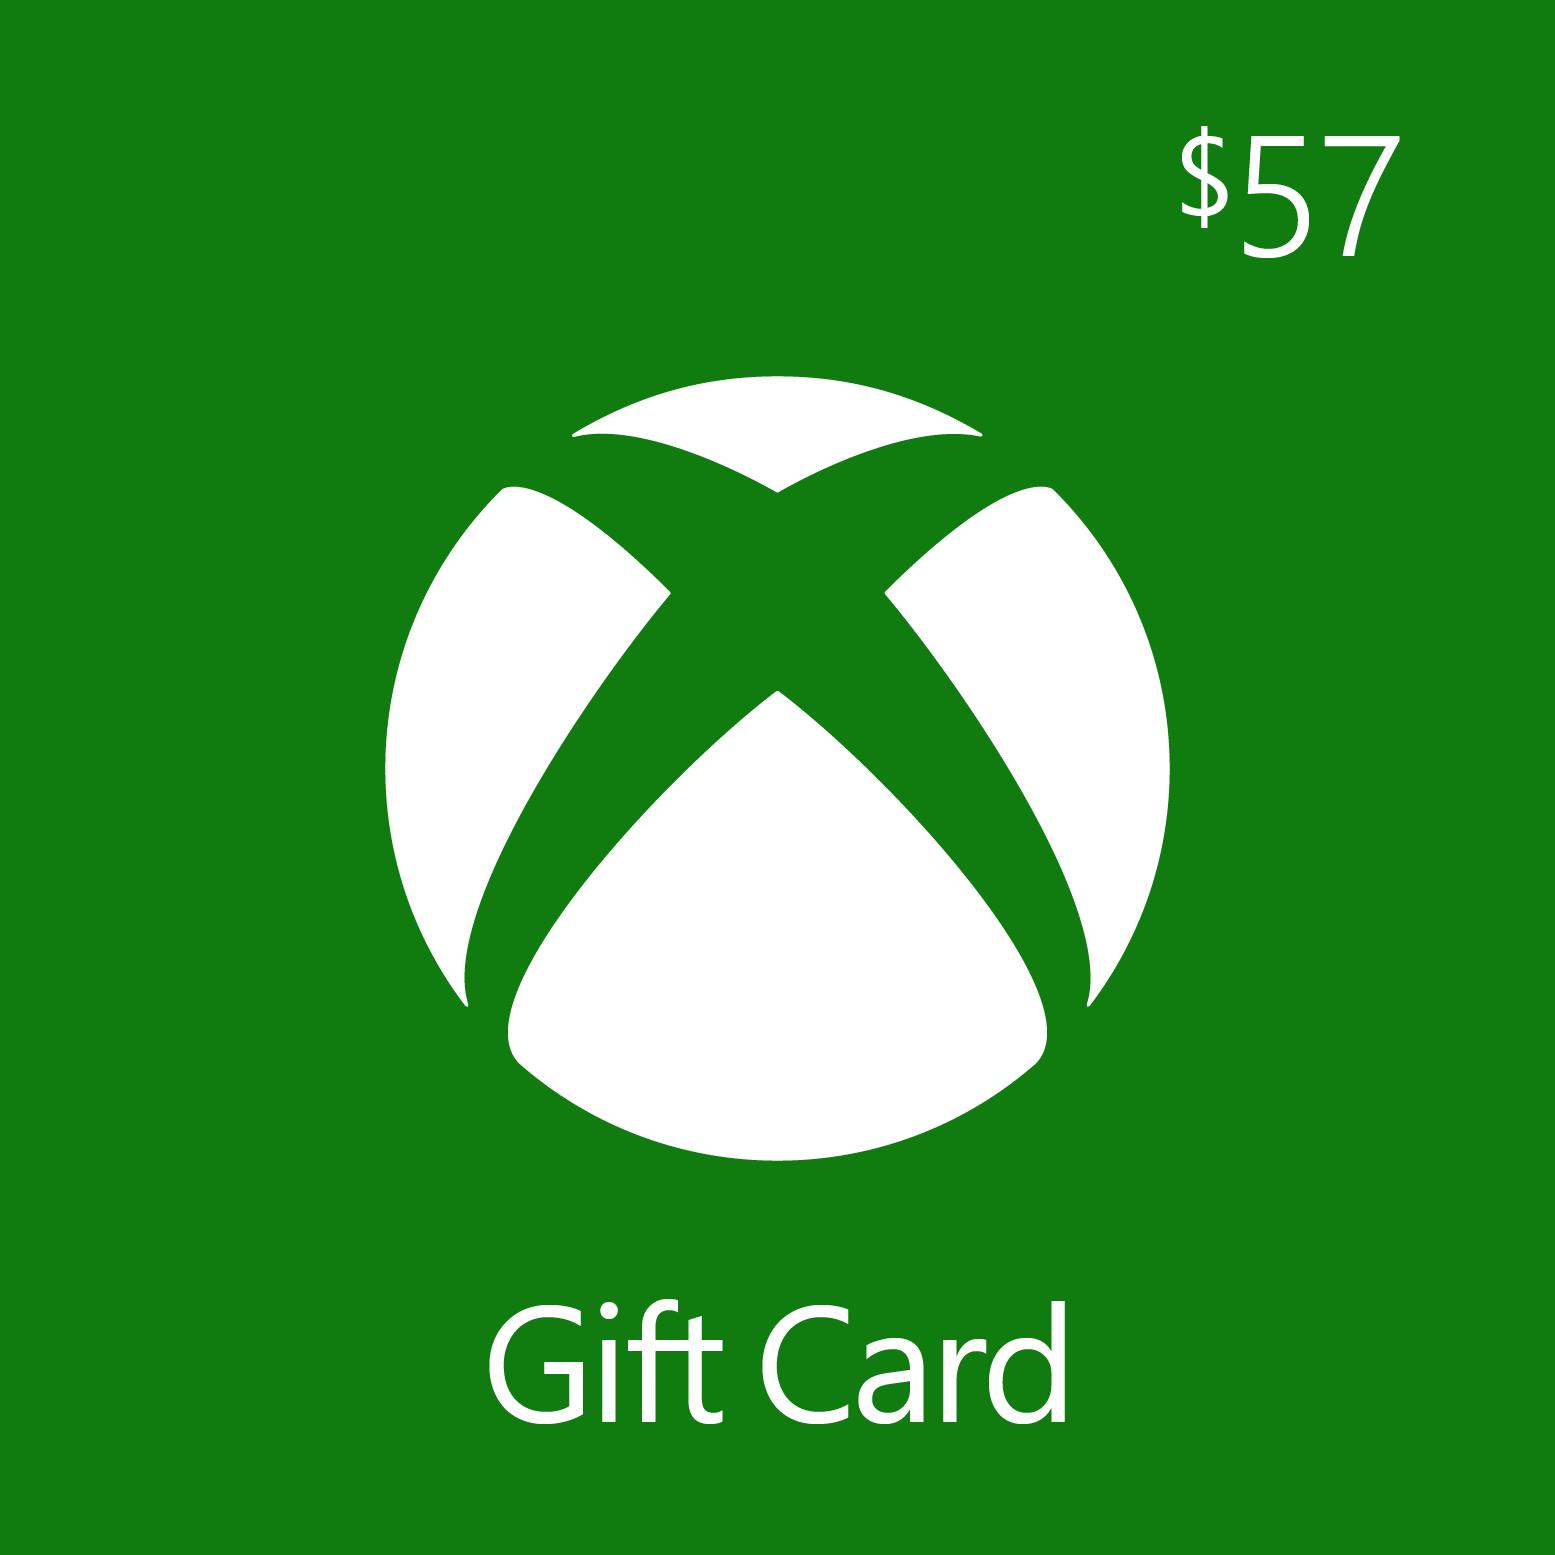 $57.00 Xbox Digital Gift Card